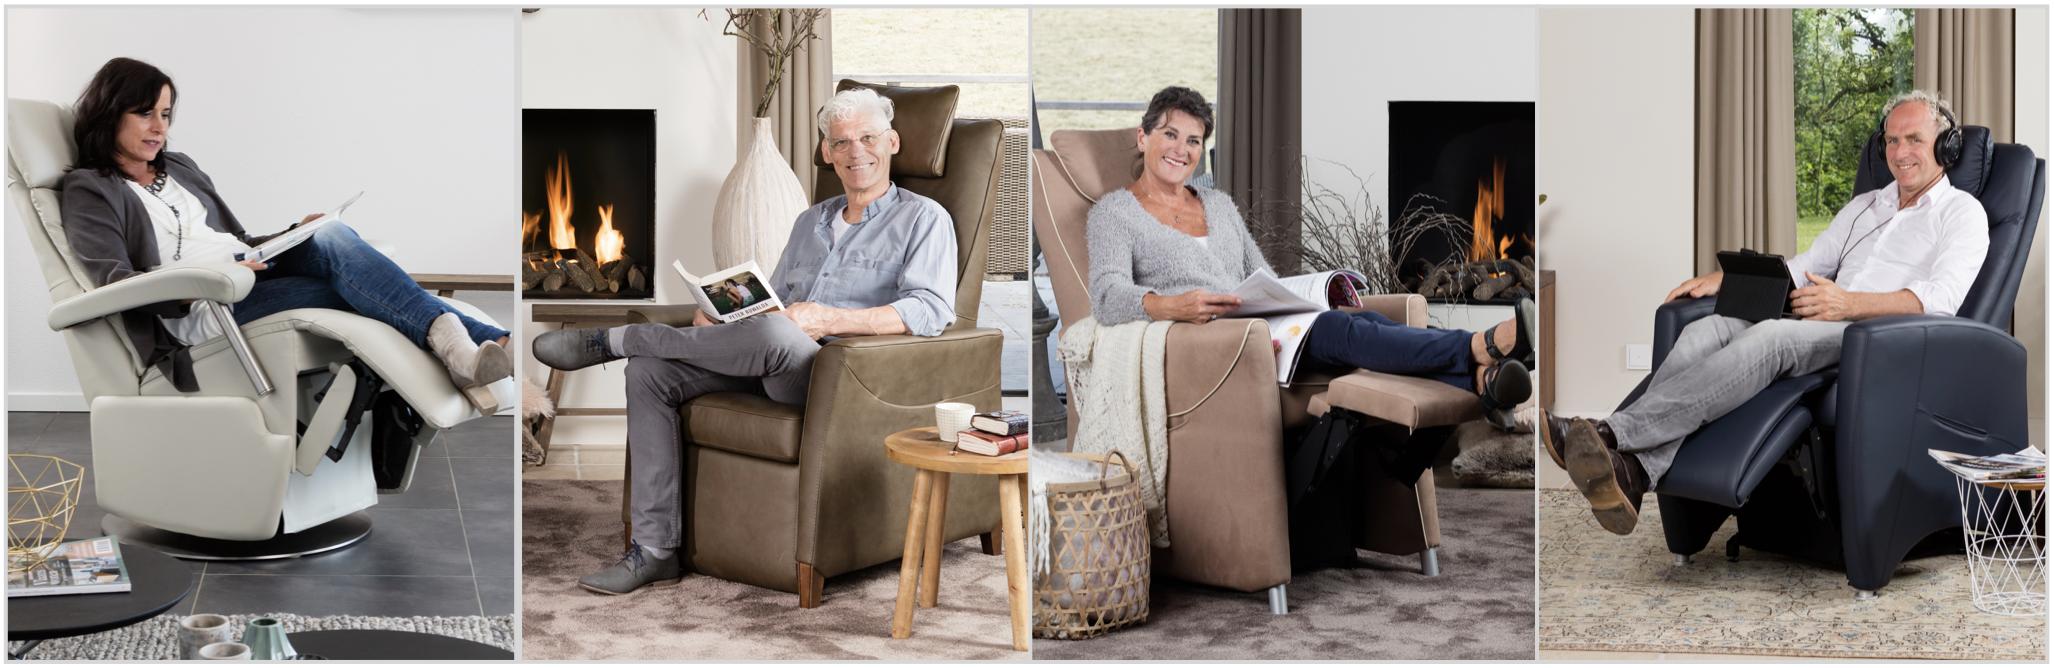 Relaxposition, Aufstehposition, Aufstehfunktion, Kippverstellung, Herz-Waage-Position, Sitzwinkel, Bandscheibe, Bandscheiben, Sitzposition, Rückenpatient, Rückenpatienten, AGR Gütesiegel